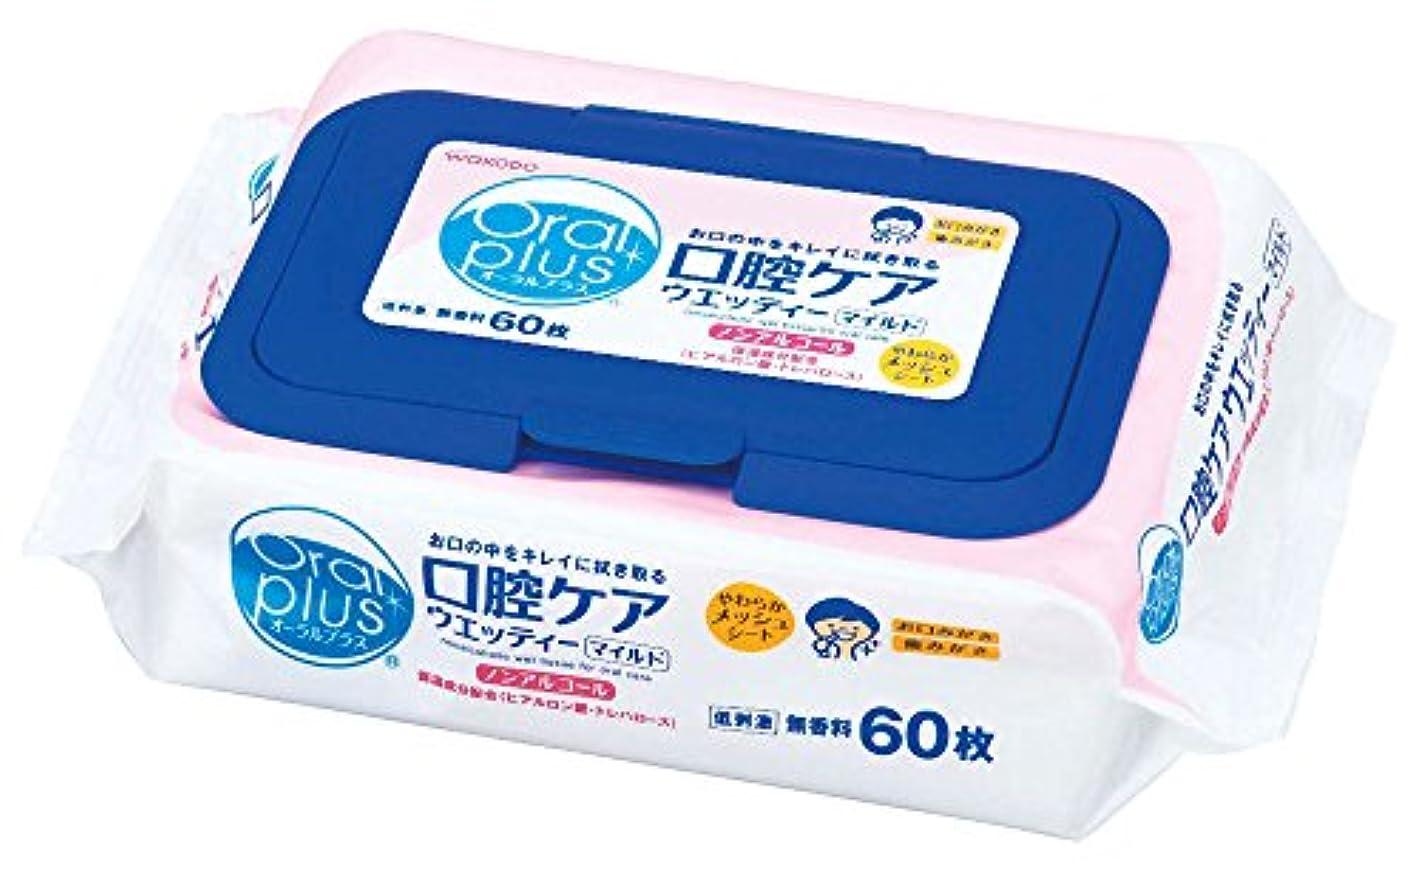 スピーカーコミットメント乳白オーラルプラス 口腔ケアウエッティー マイルド 歯ブラシ 口腔ケア 歯磨き 口臭 60枚